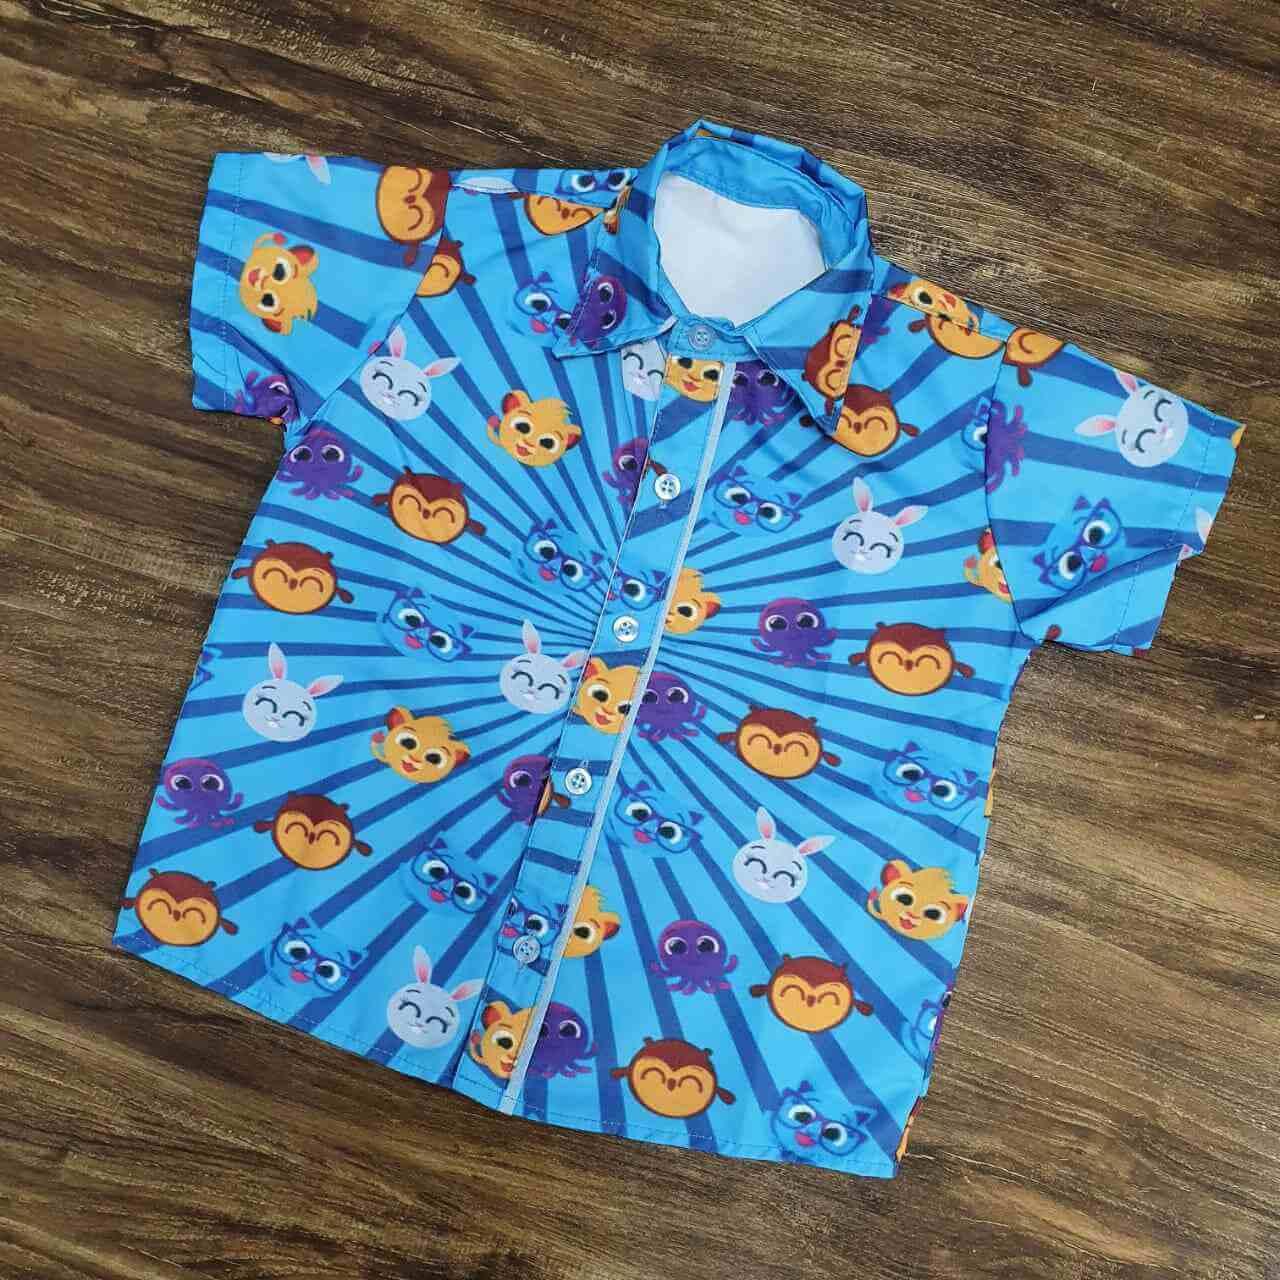 Conjunto Bolofofos Azul Infantil